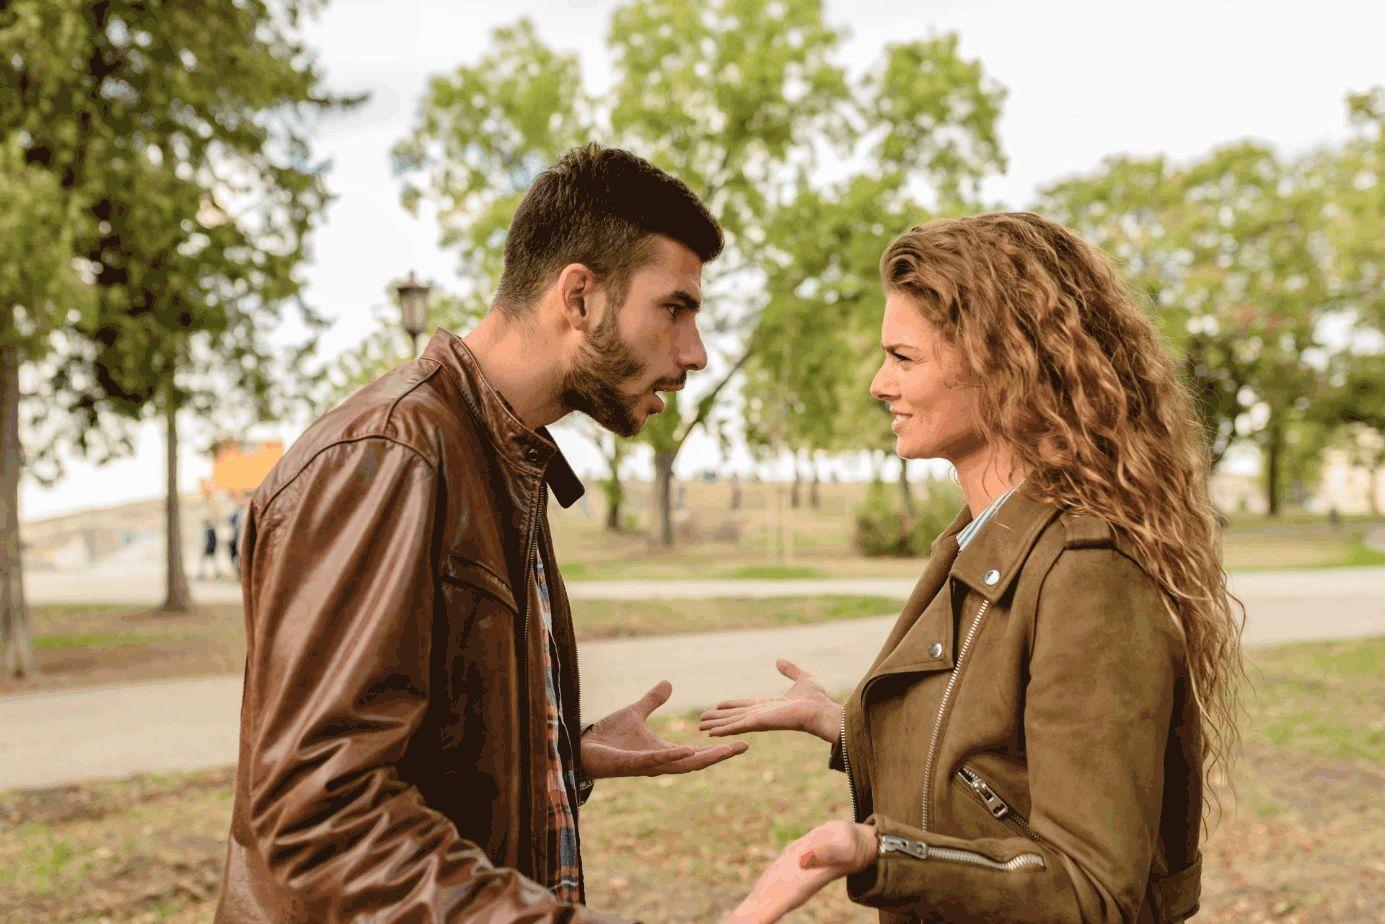 Mann und Frau mit braunen Lederjacken